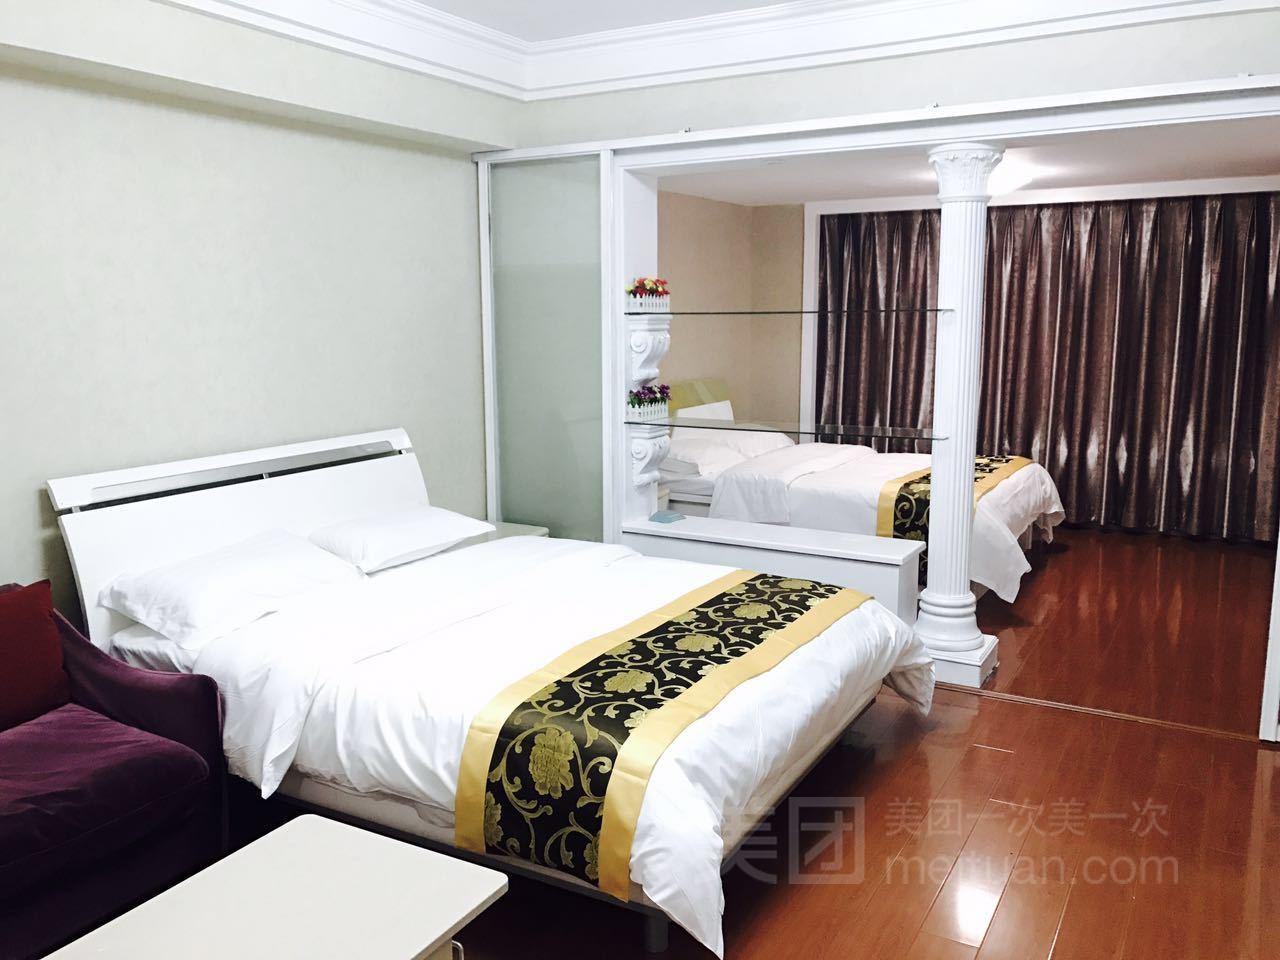 米兰酒店式公寓预订/团购